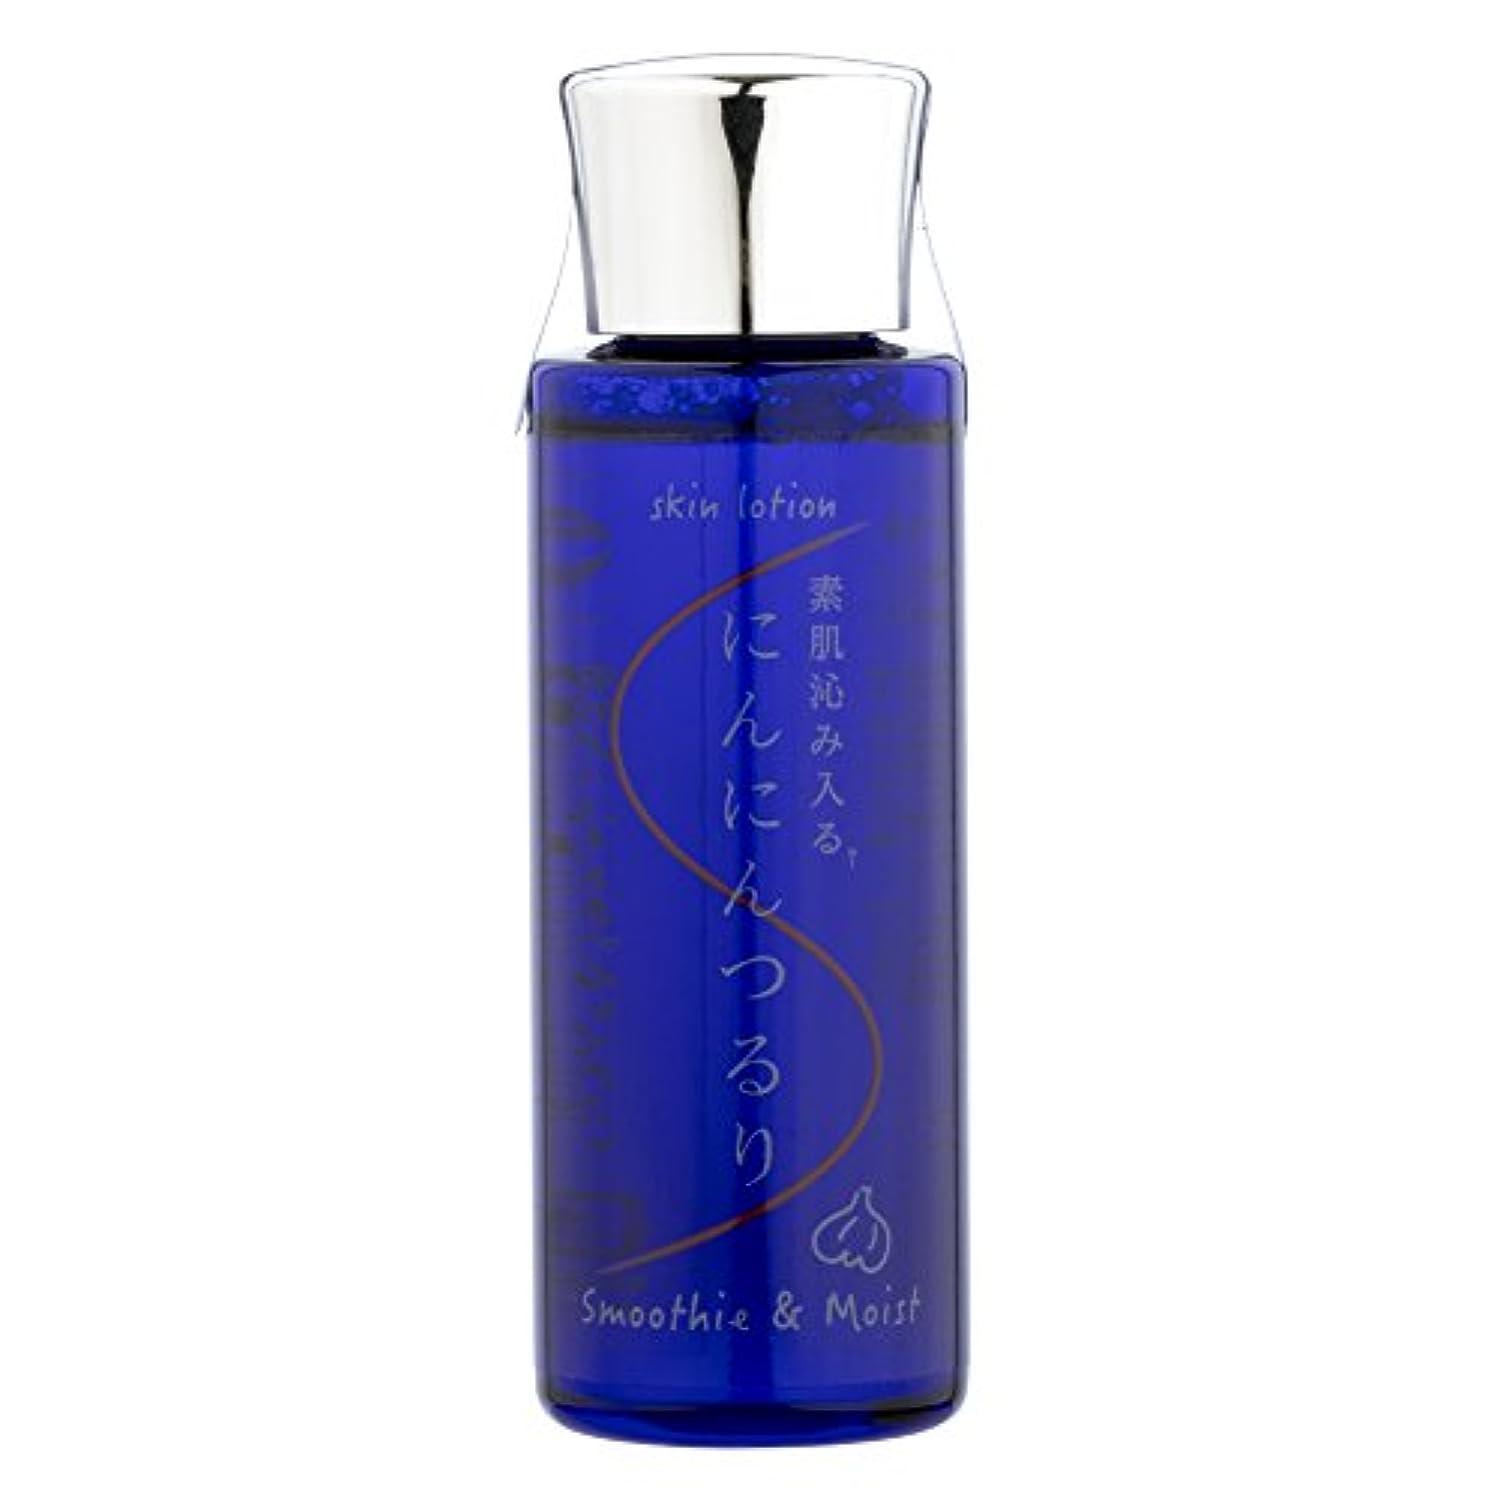 カップ平和的図にんにんつるり お肌の健康と潤いを保つ化粧水です。